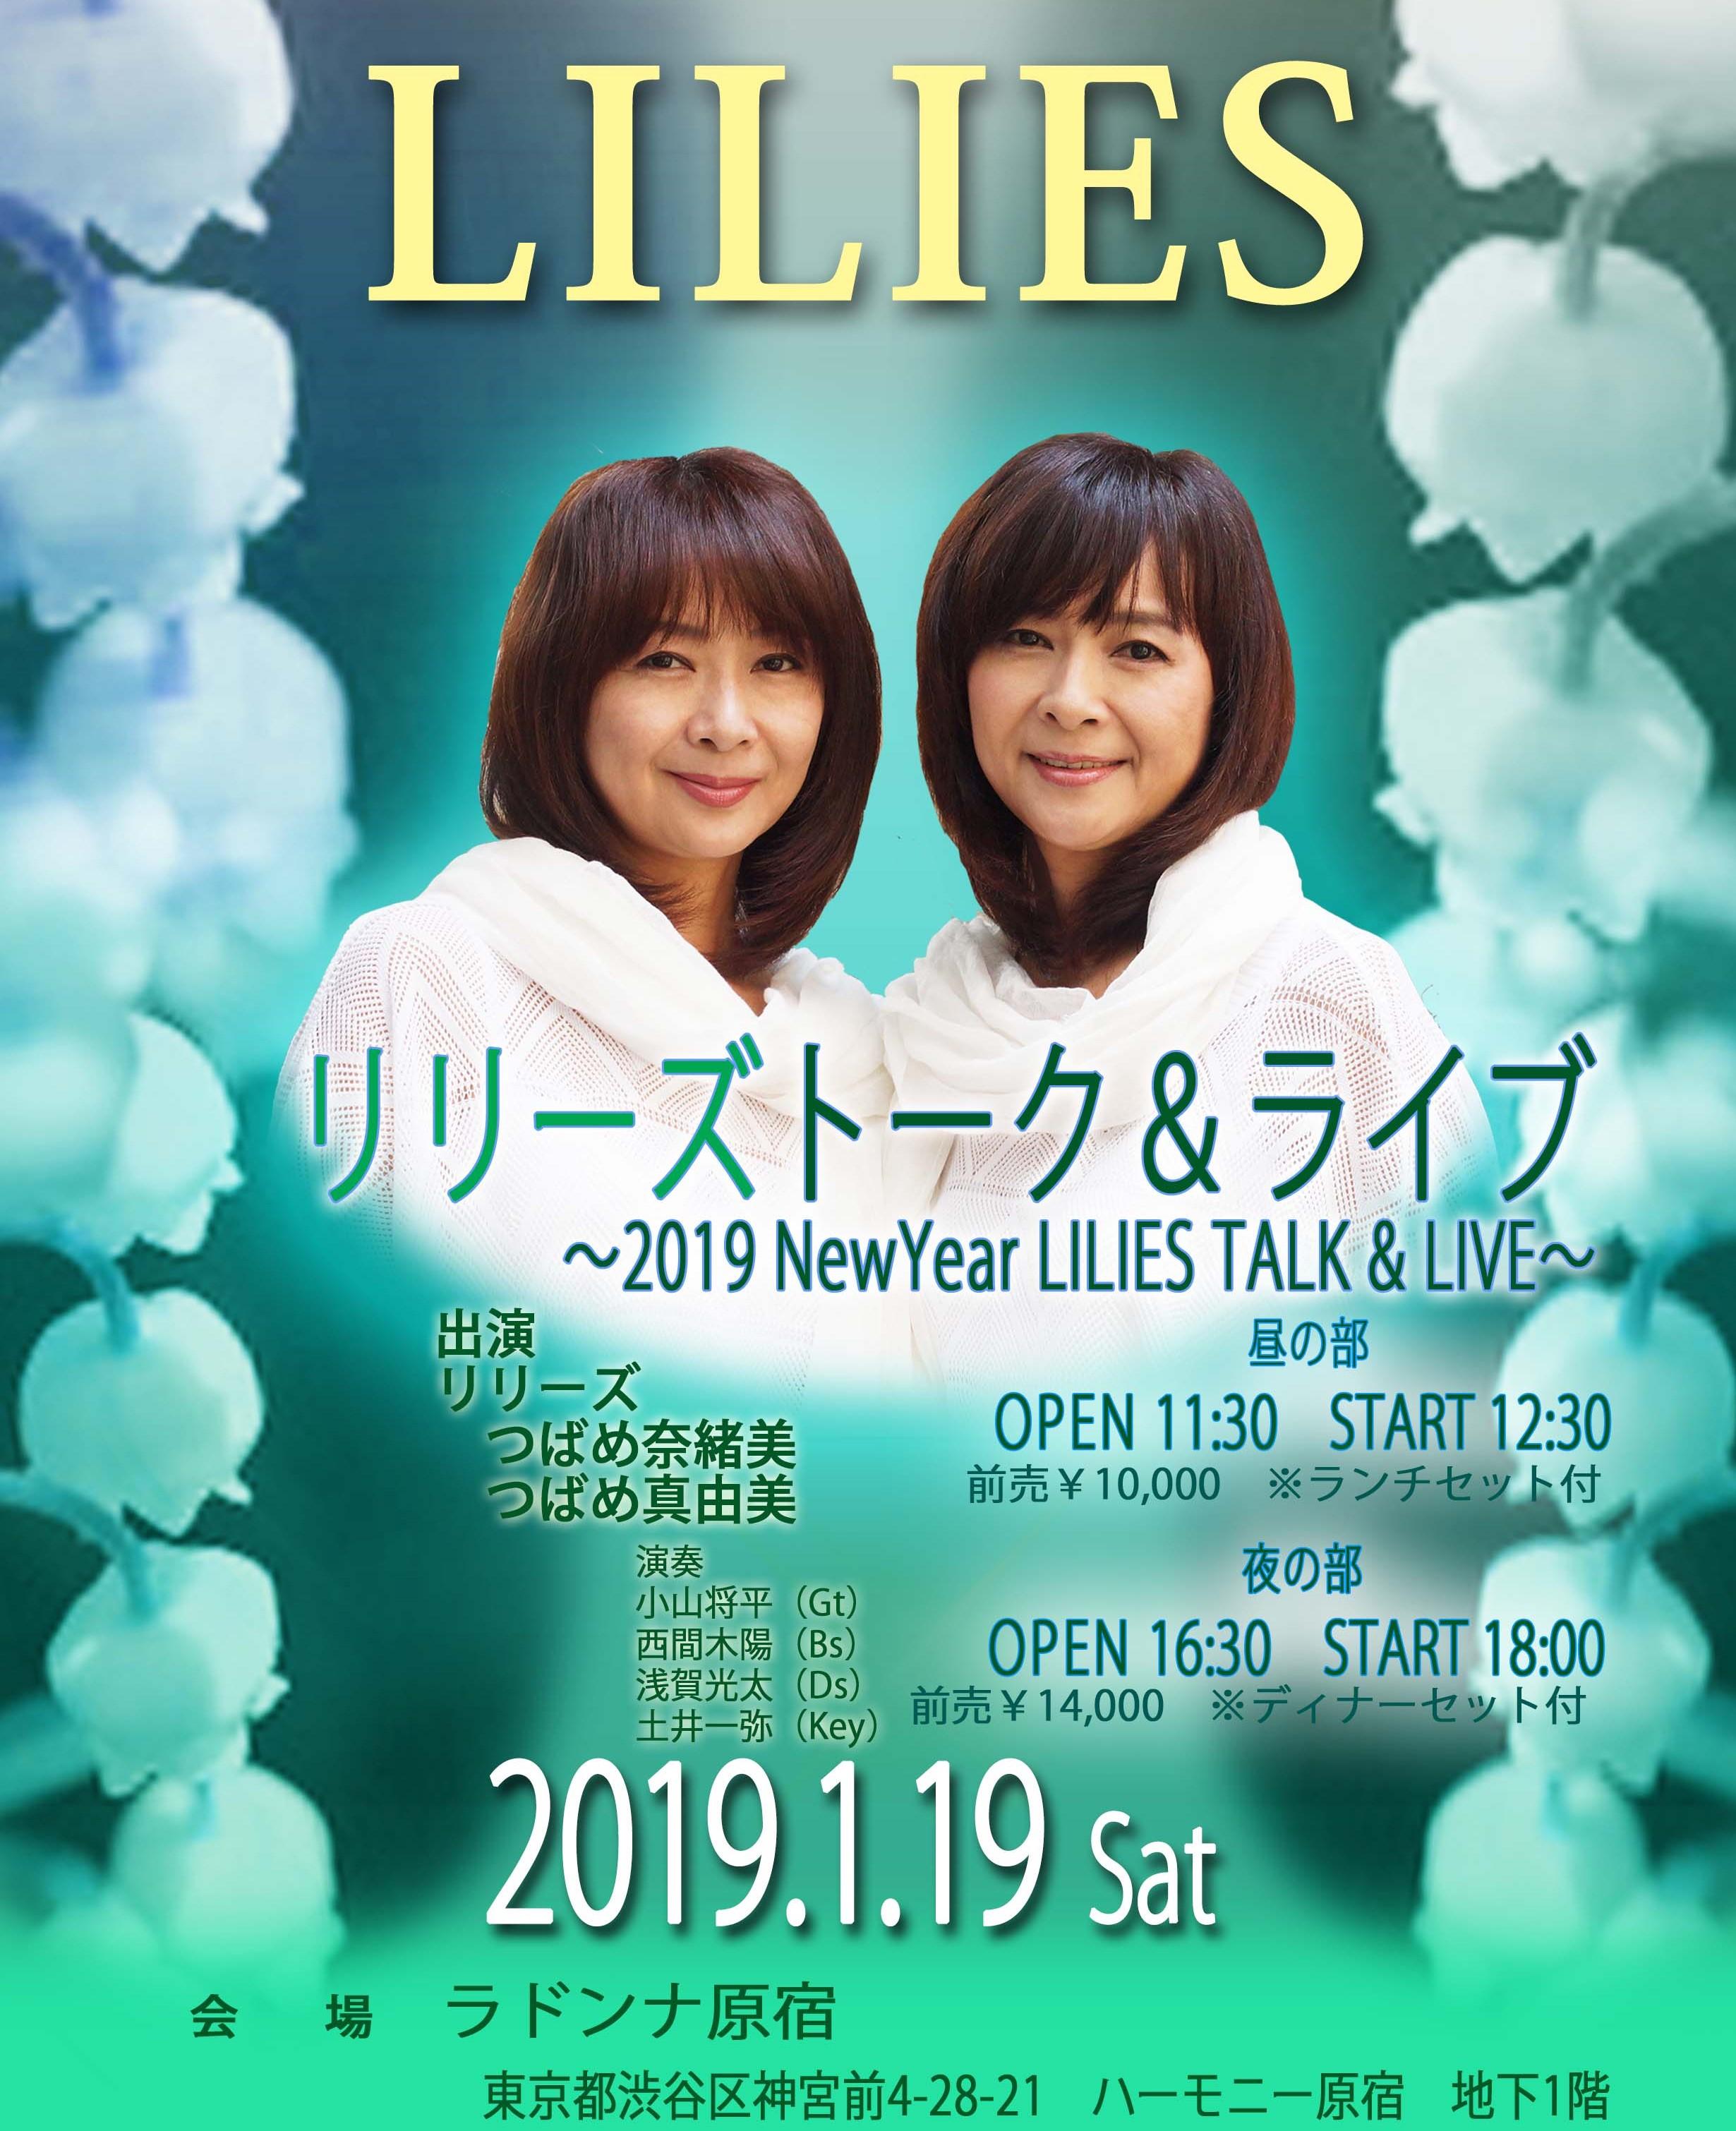 リリーズ 2019 New Year トーク&ライブ 【夜の部】